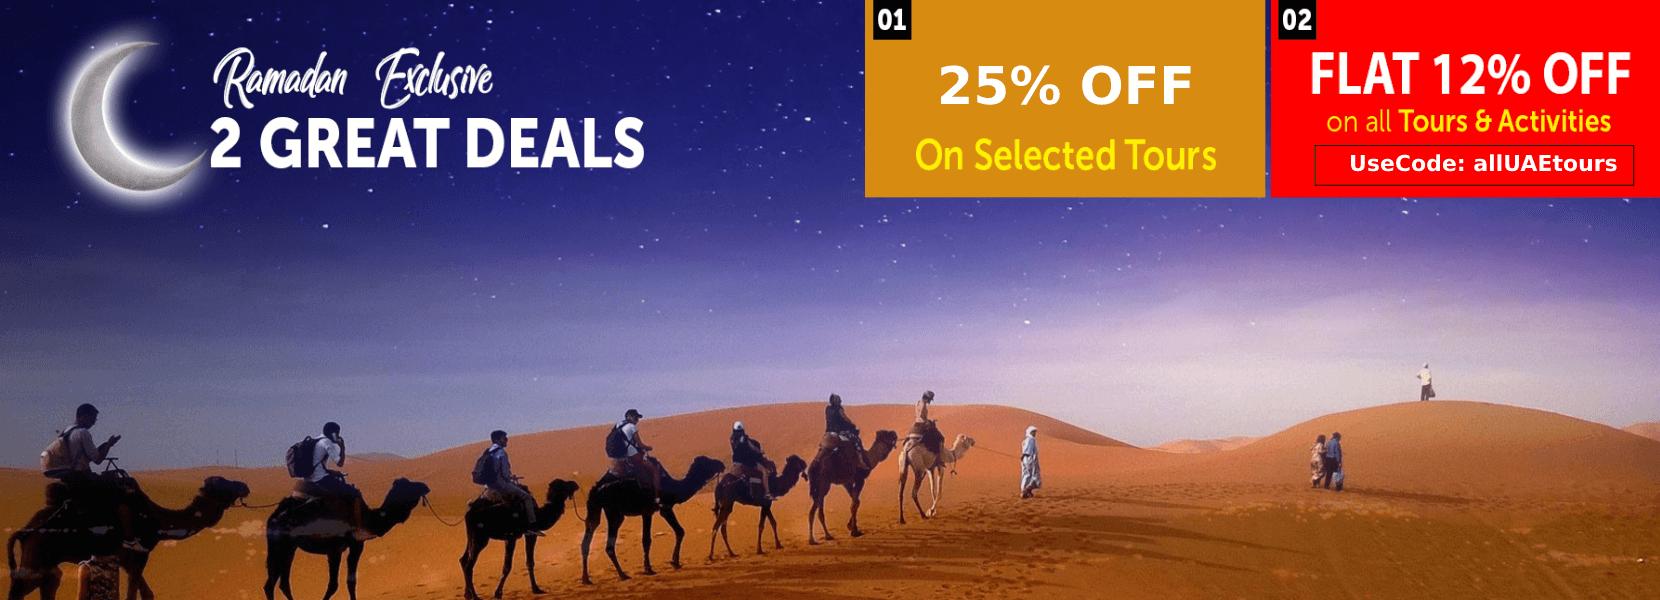 Ramadan Desert Safari Offers | Desert Safari in Ramadan